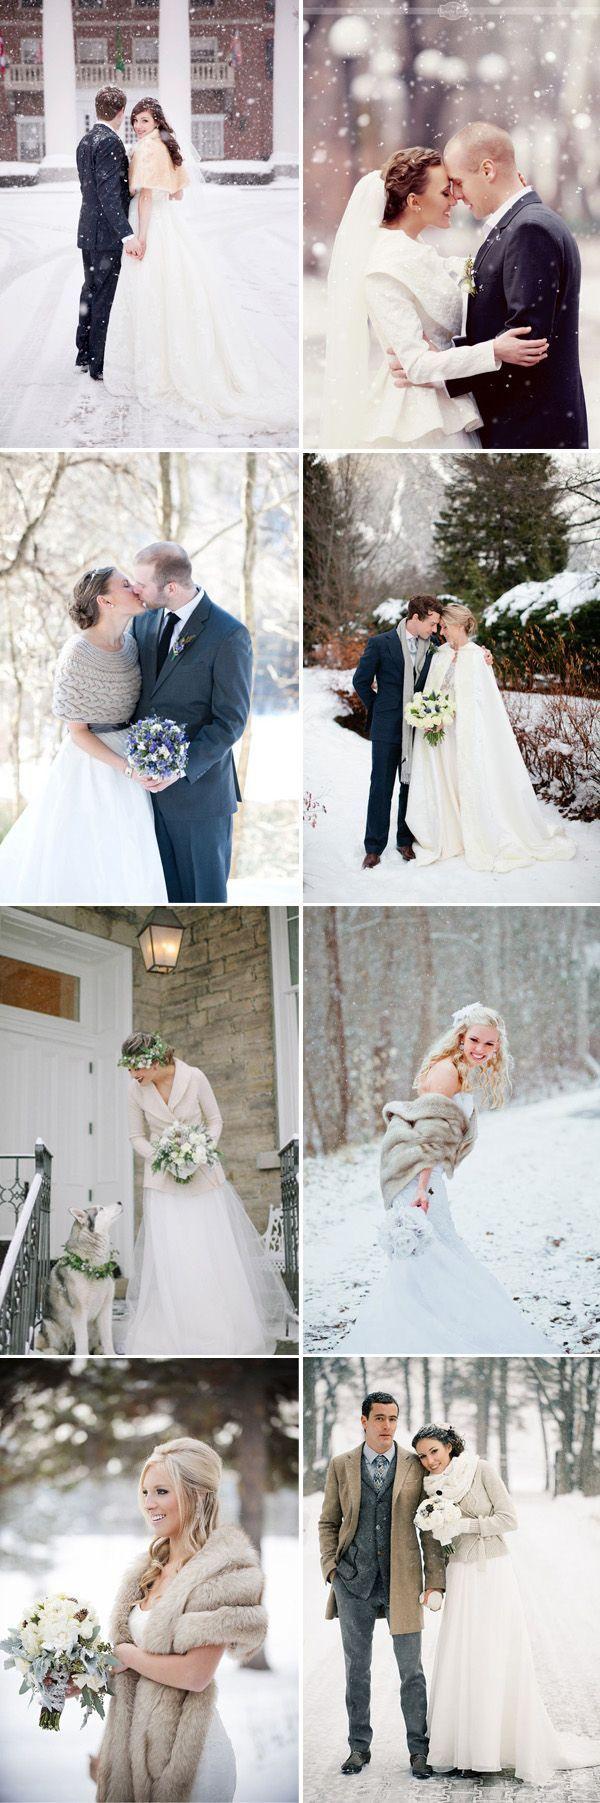 hochzeit mantel winter 15 beste Outfits | Hochzeit Mantel, beste ...